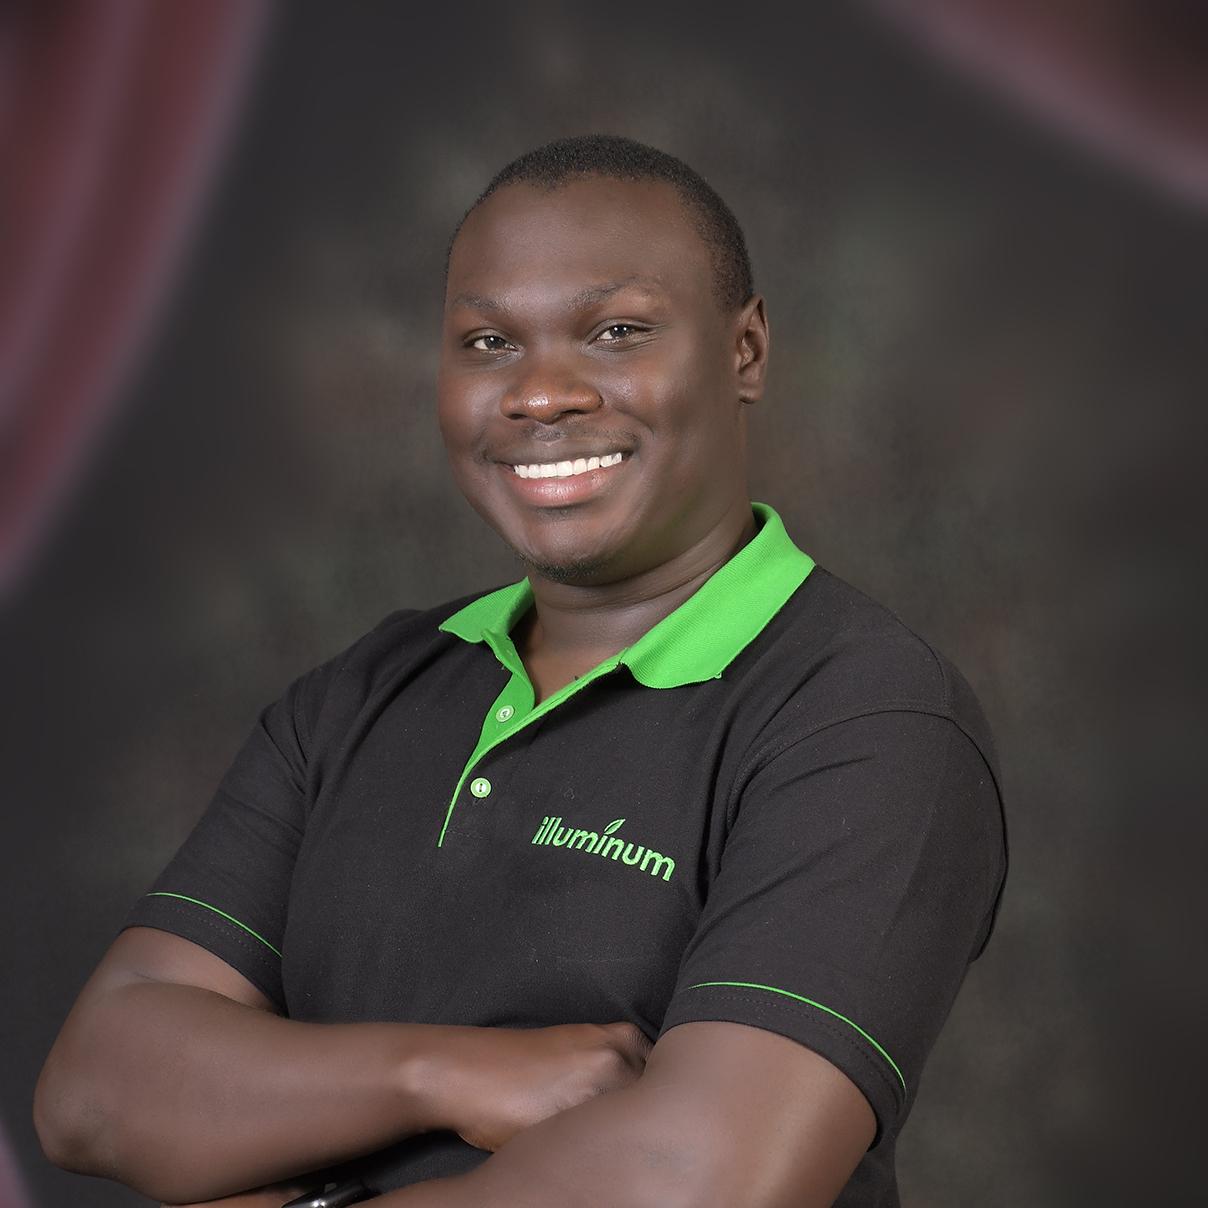 Paul Obwaka